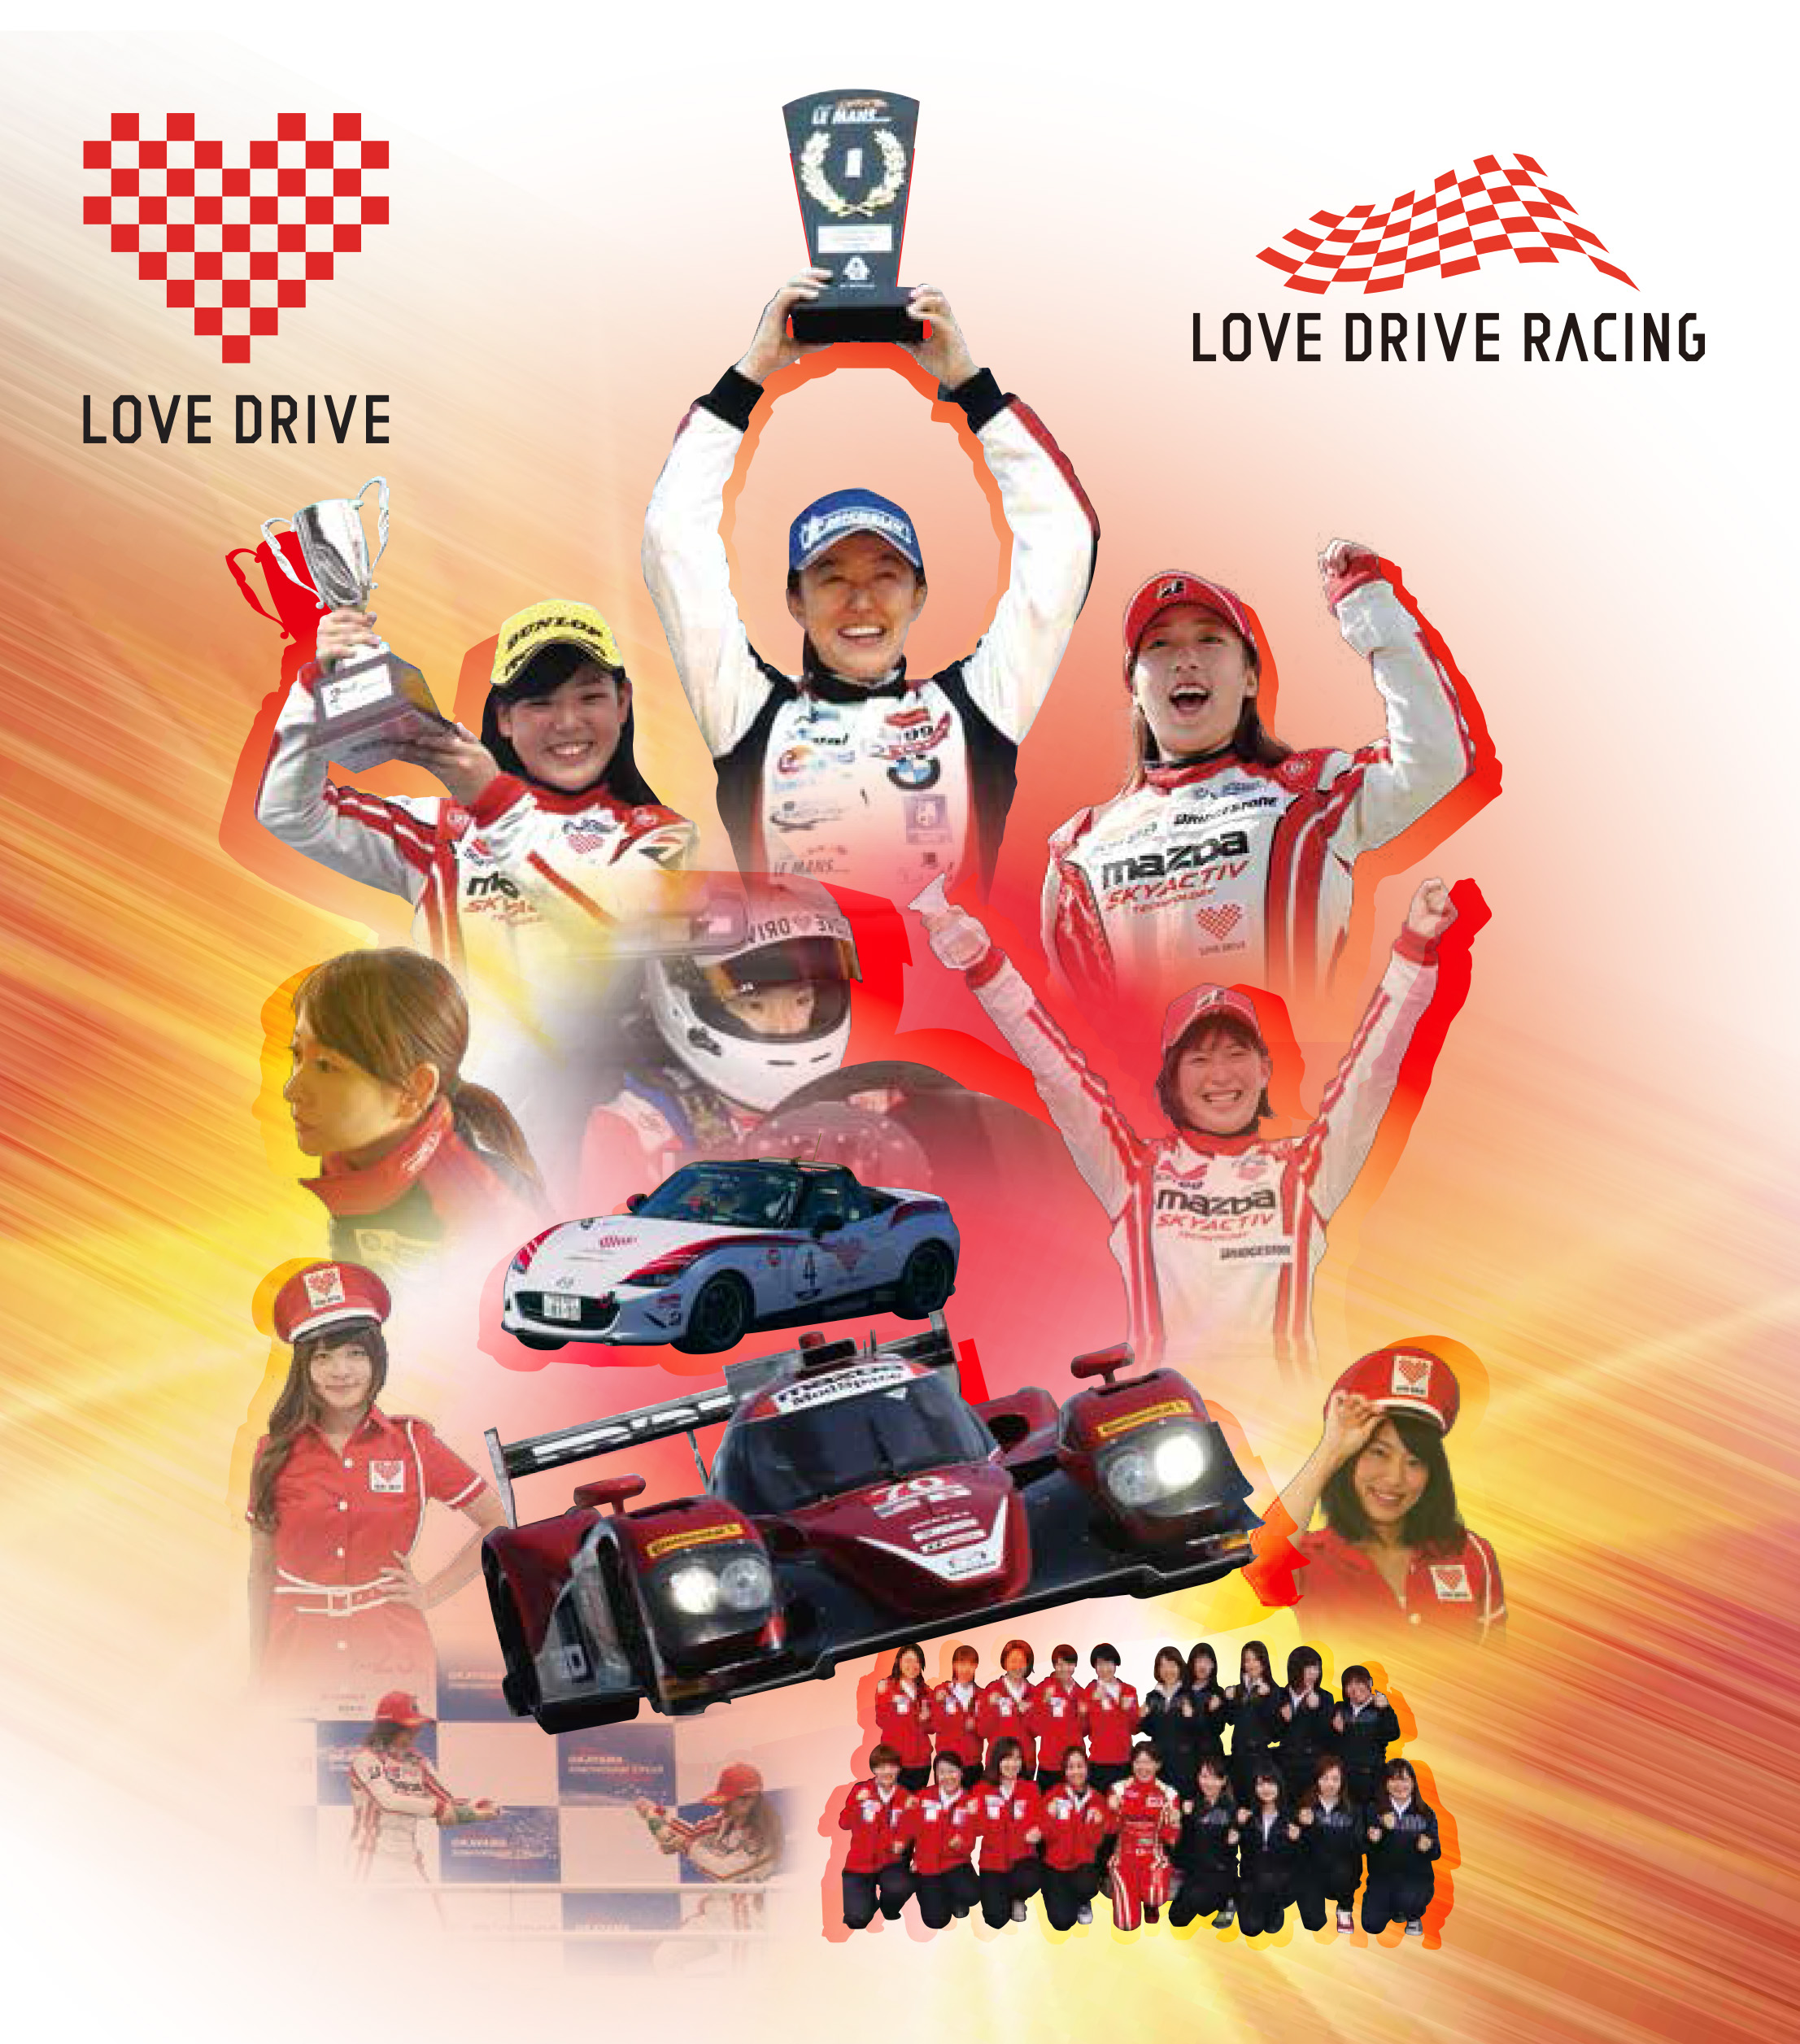 LOVE DRIVE RACING ファンクラブが発足しました。ご支援よろしくお願いします!